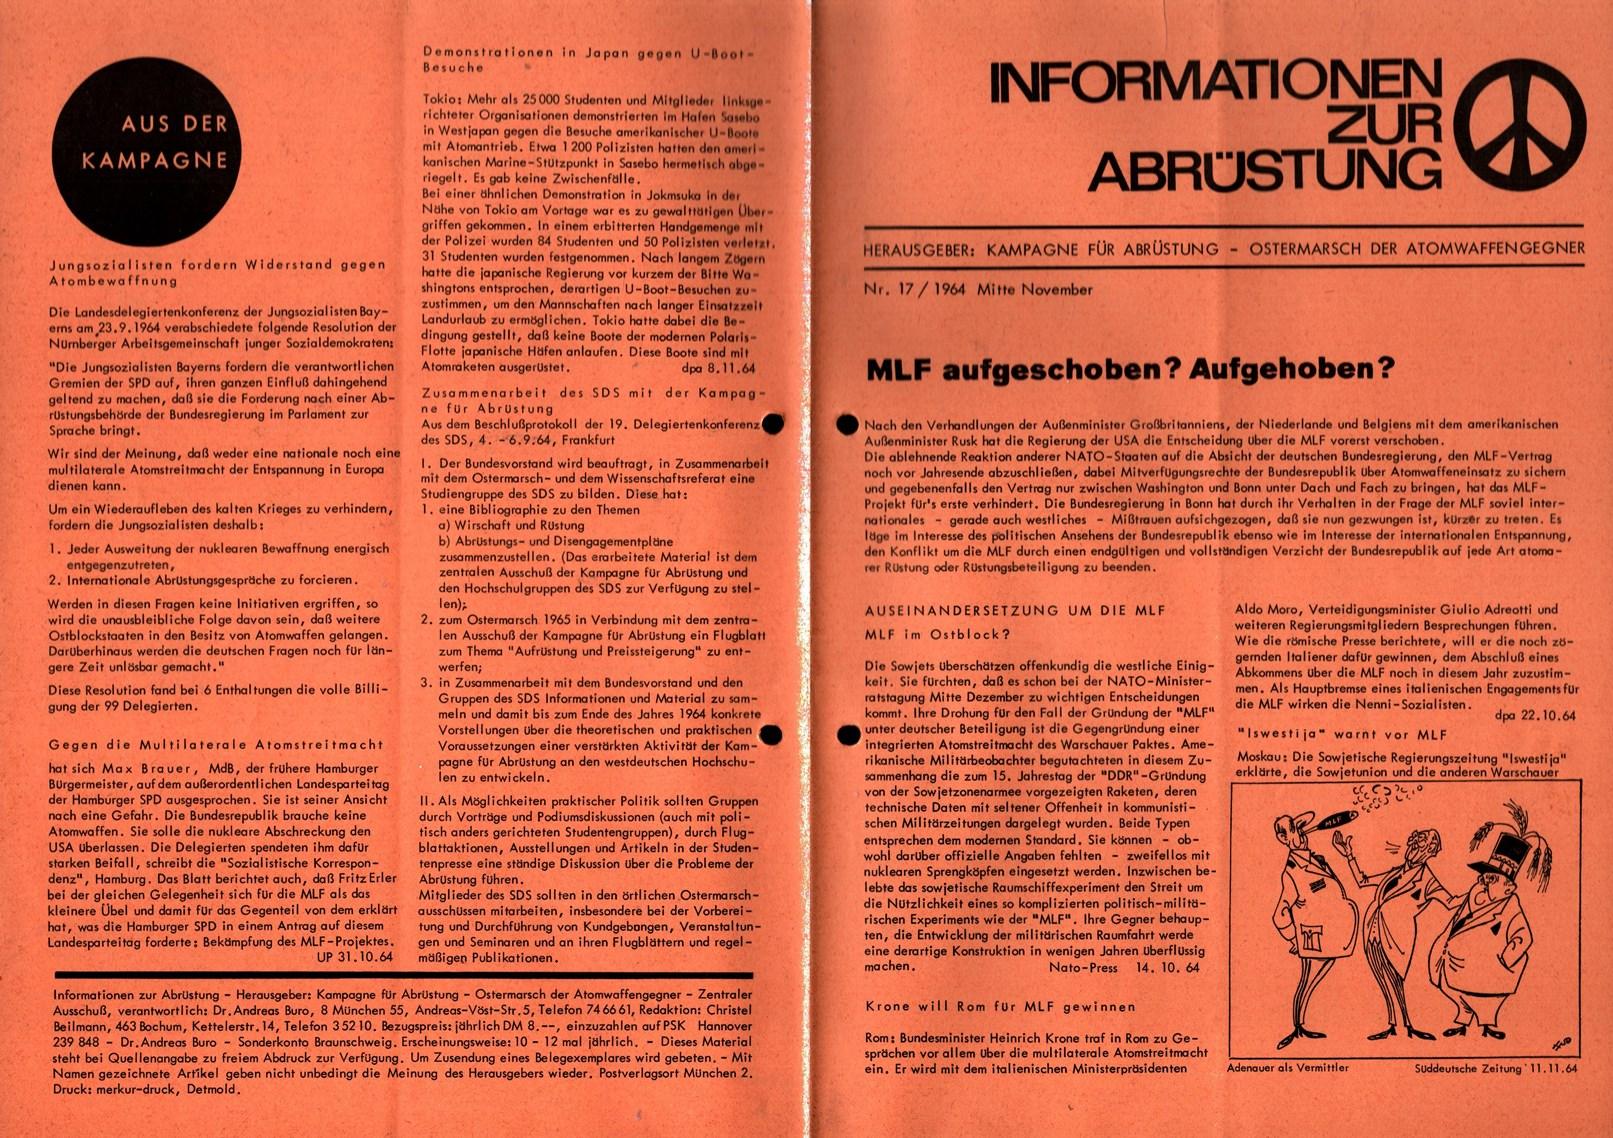 Infos_zur_Abruestung_1964_017_001